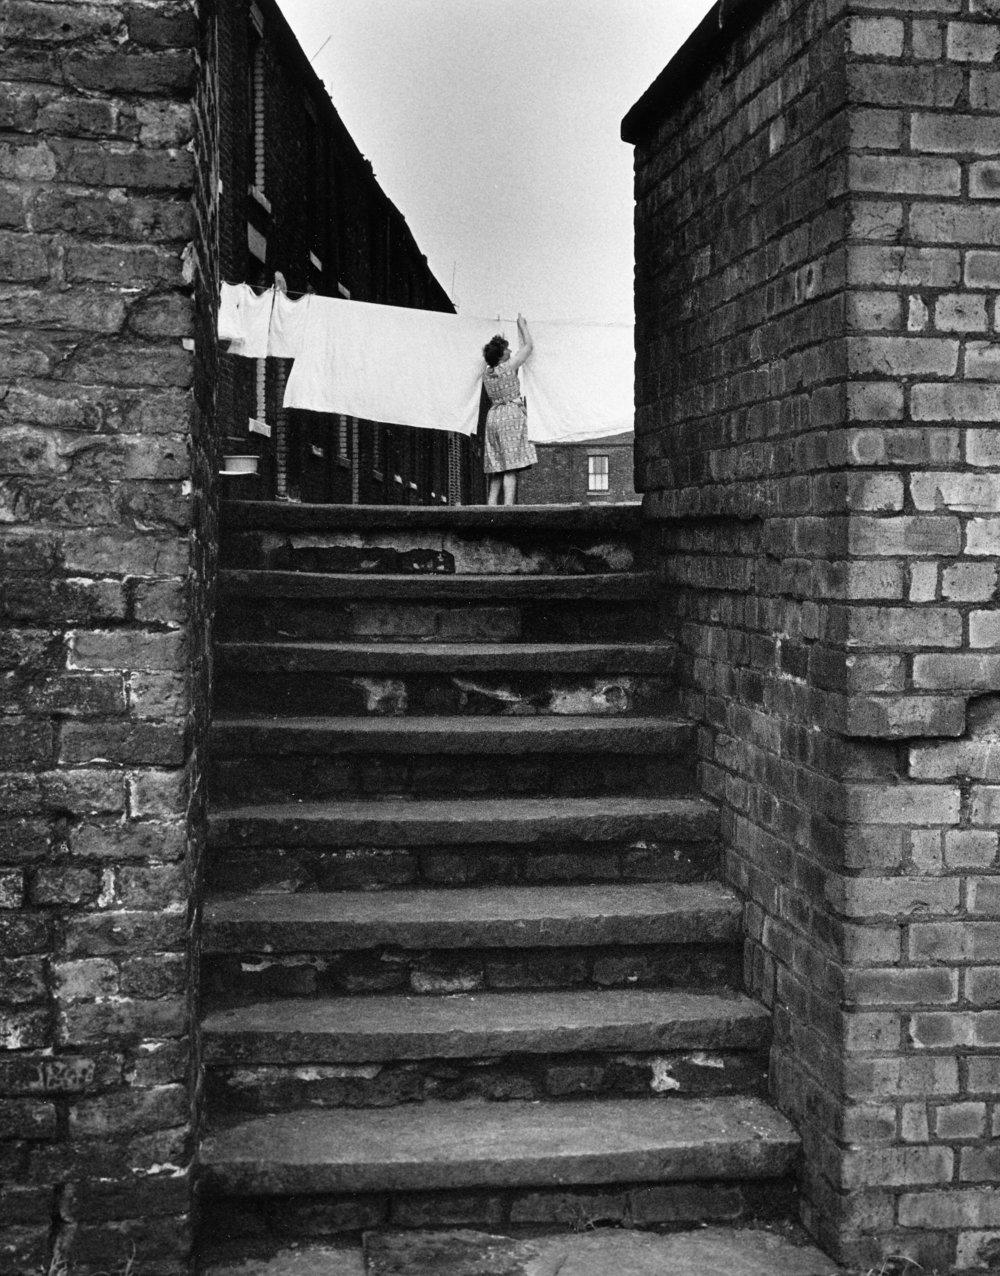 Woman hanging out washing, Salford, 16-75-3 (1962).jpg